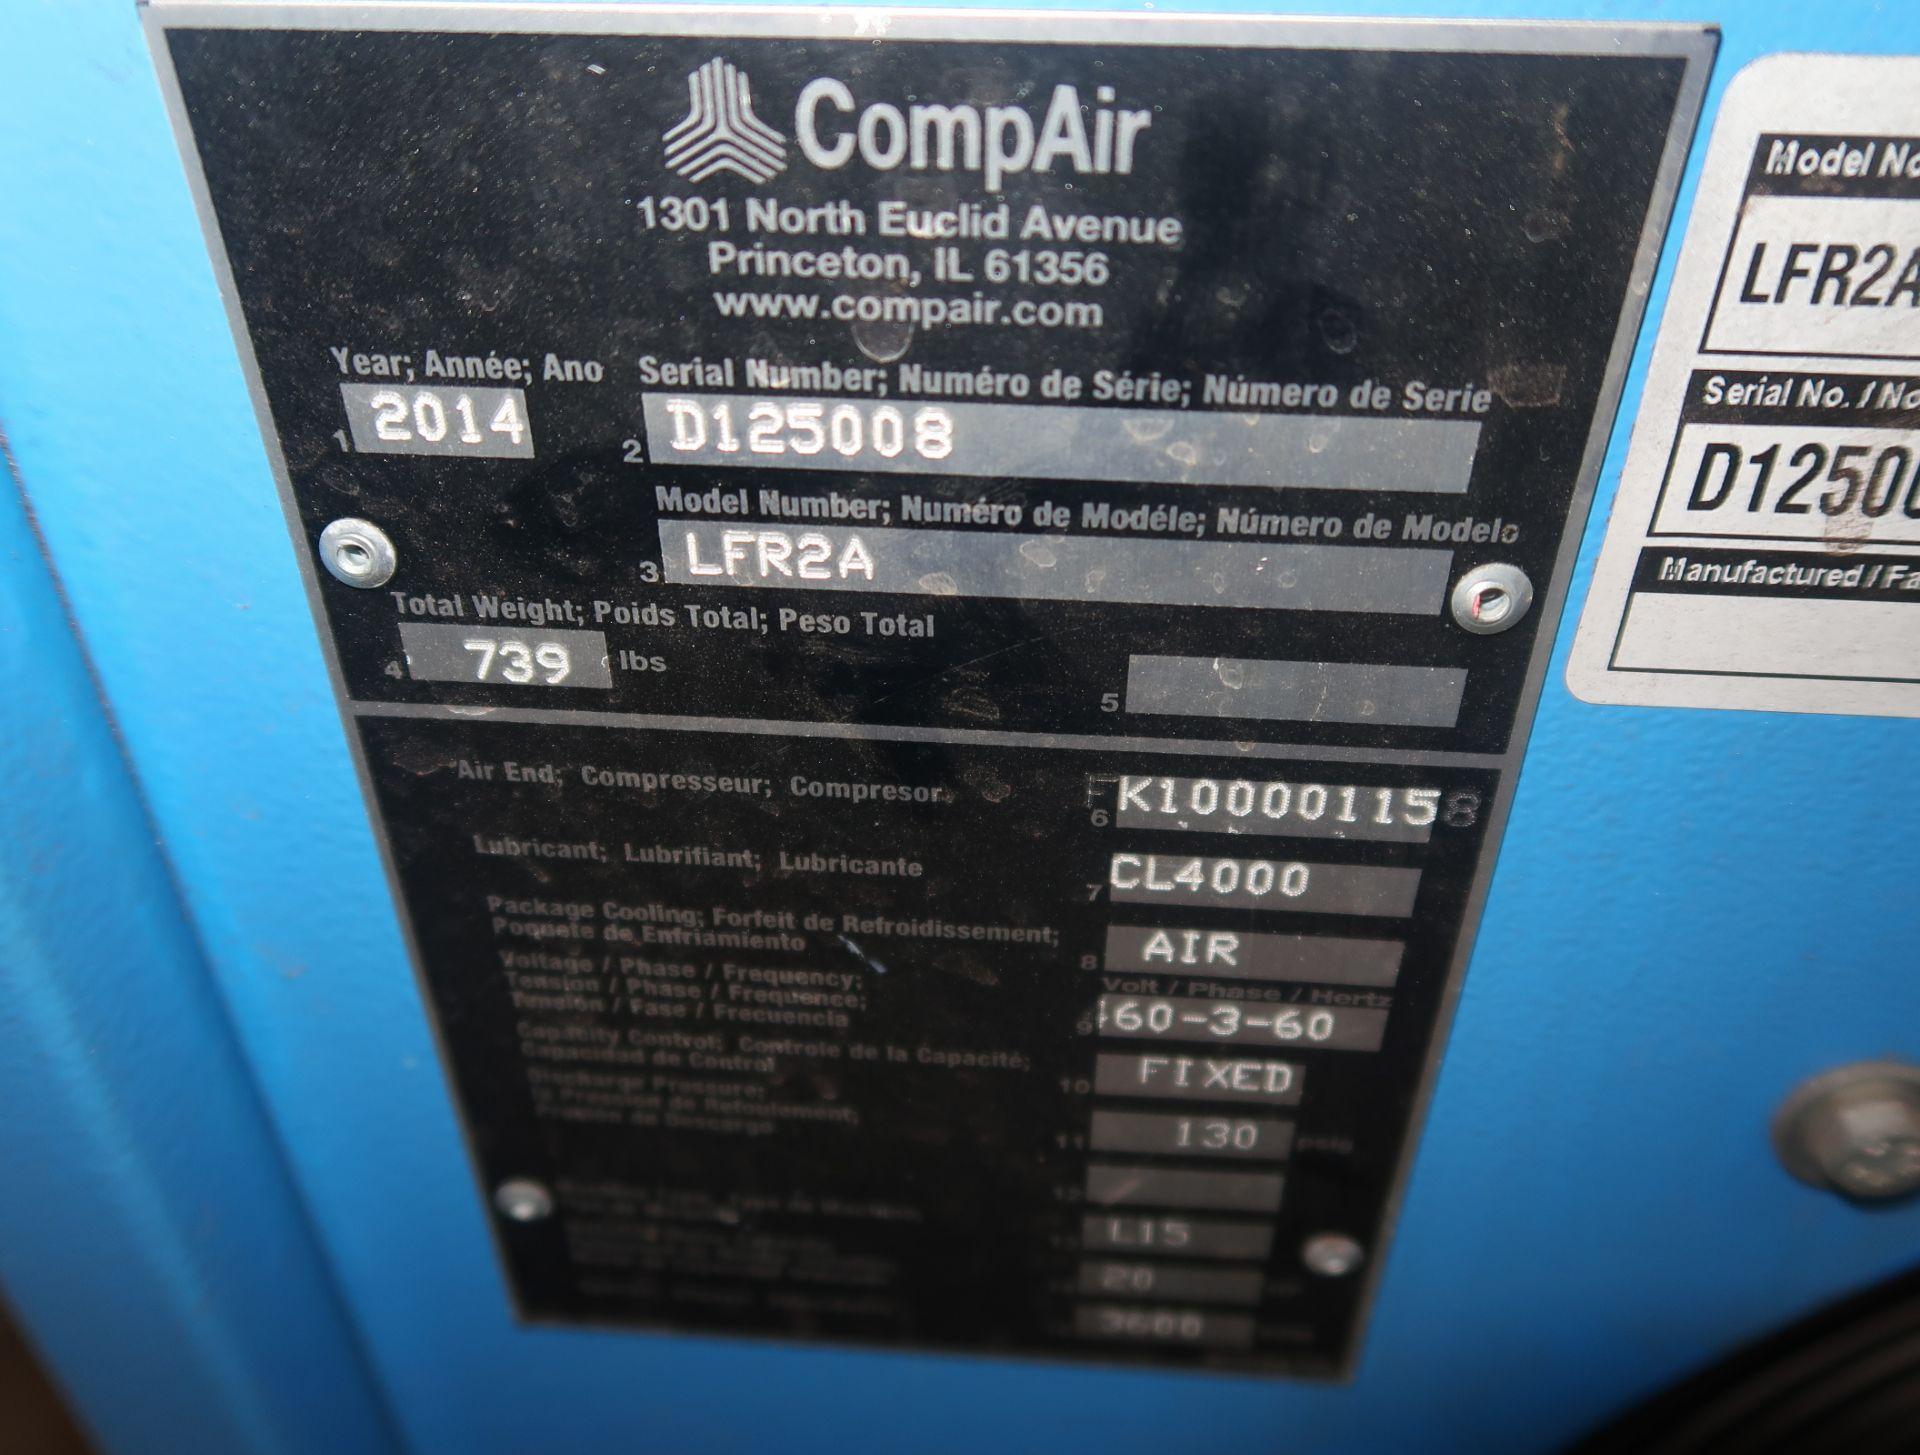 Lot 1 - 2014 COMP AIR 20HP ROTARY SCREW AIRCOMPRESSOR MDL. LFRZA, 3PH W/ VERTIAL AIR RECEIVER, SN. D125008